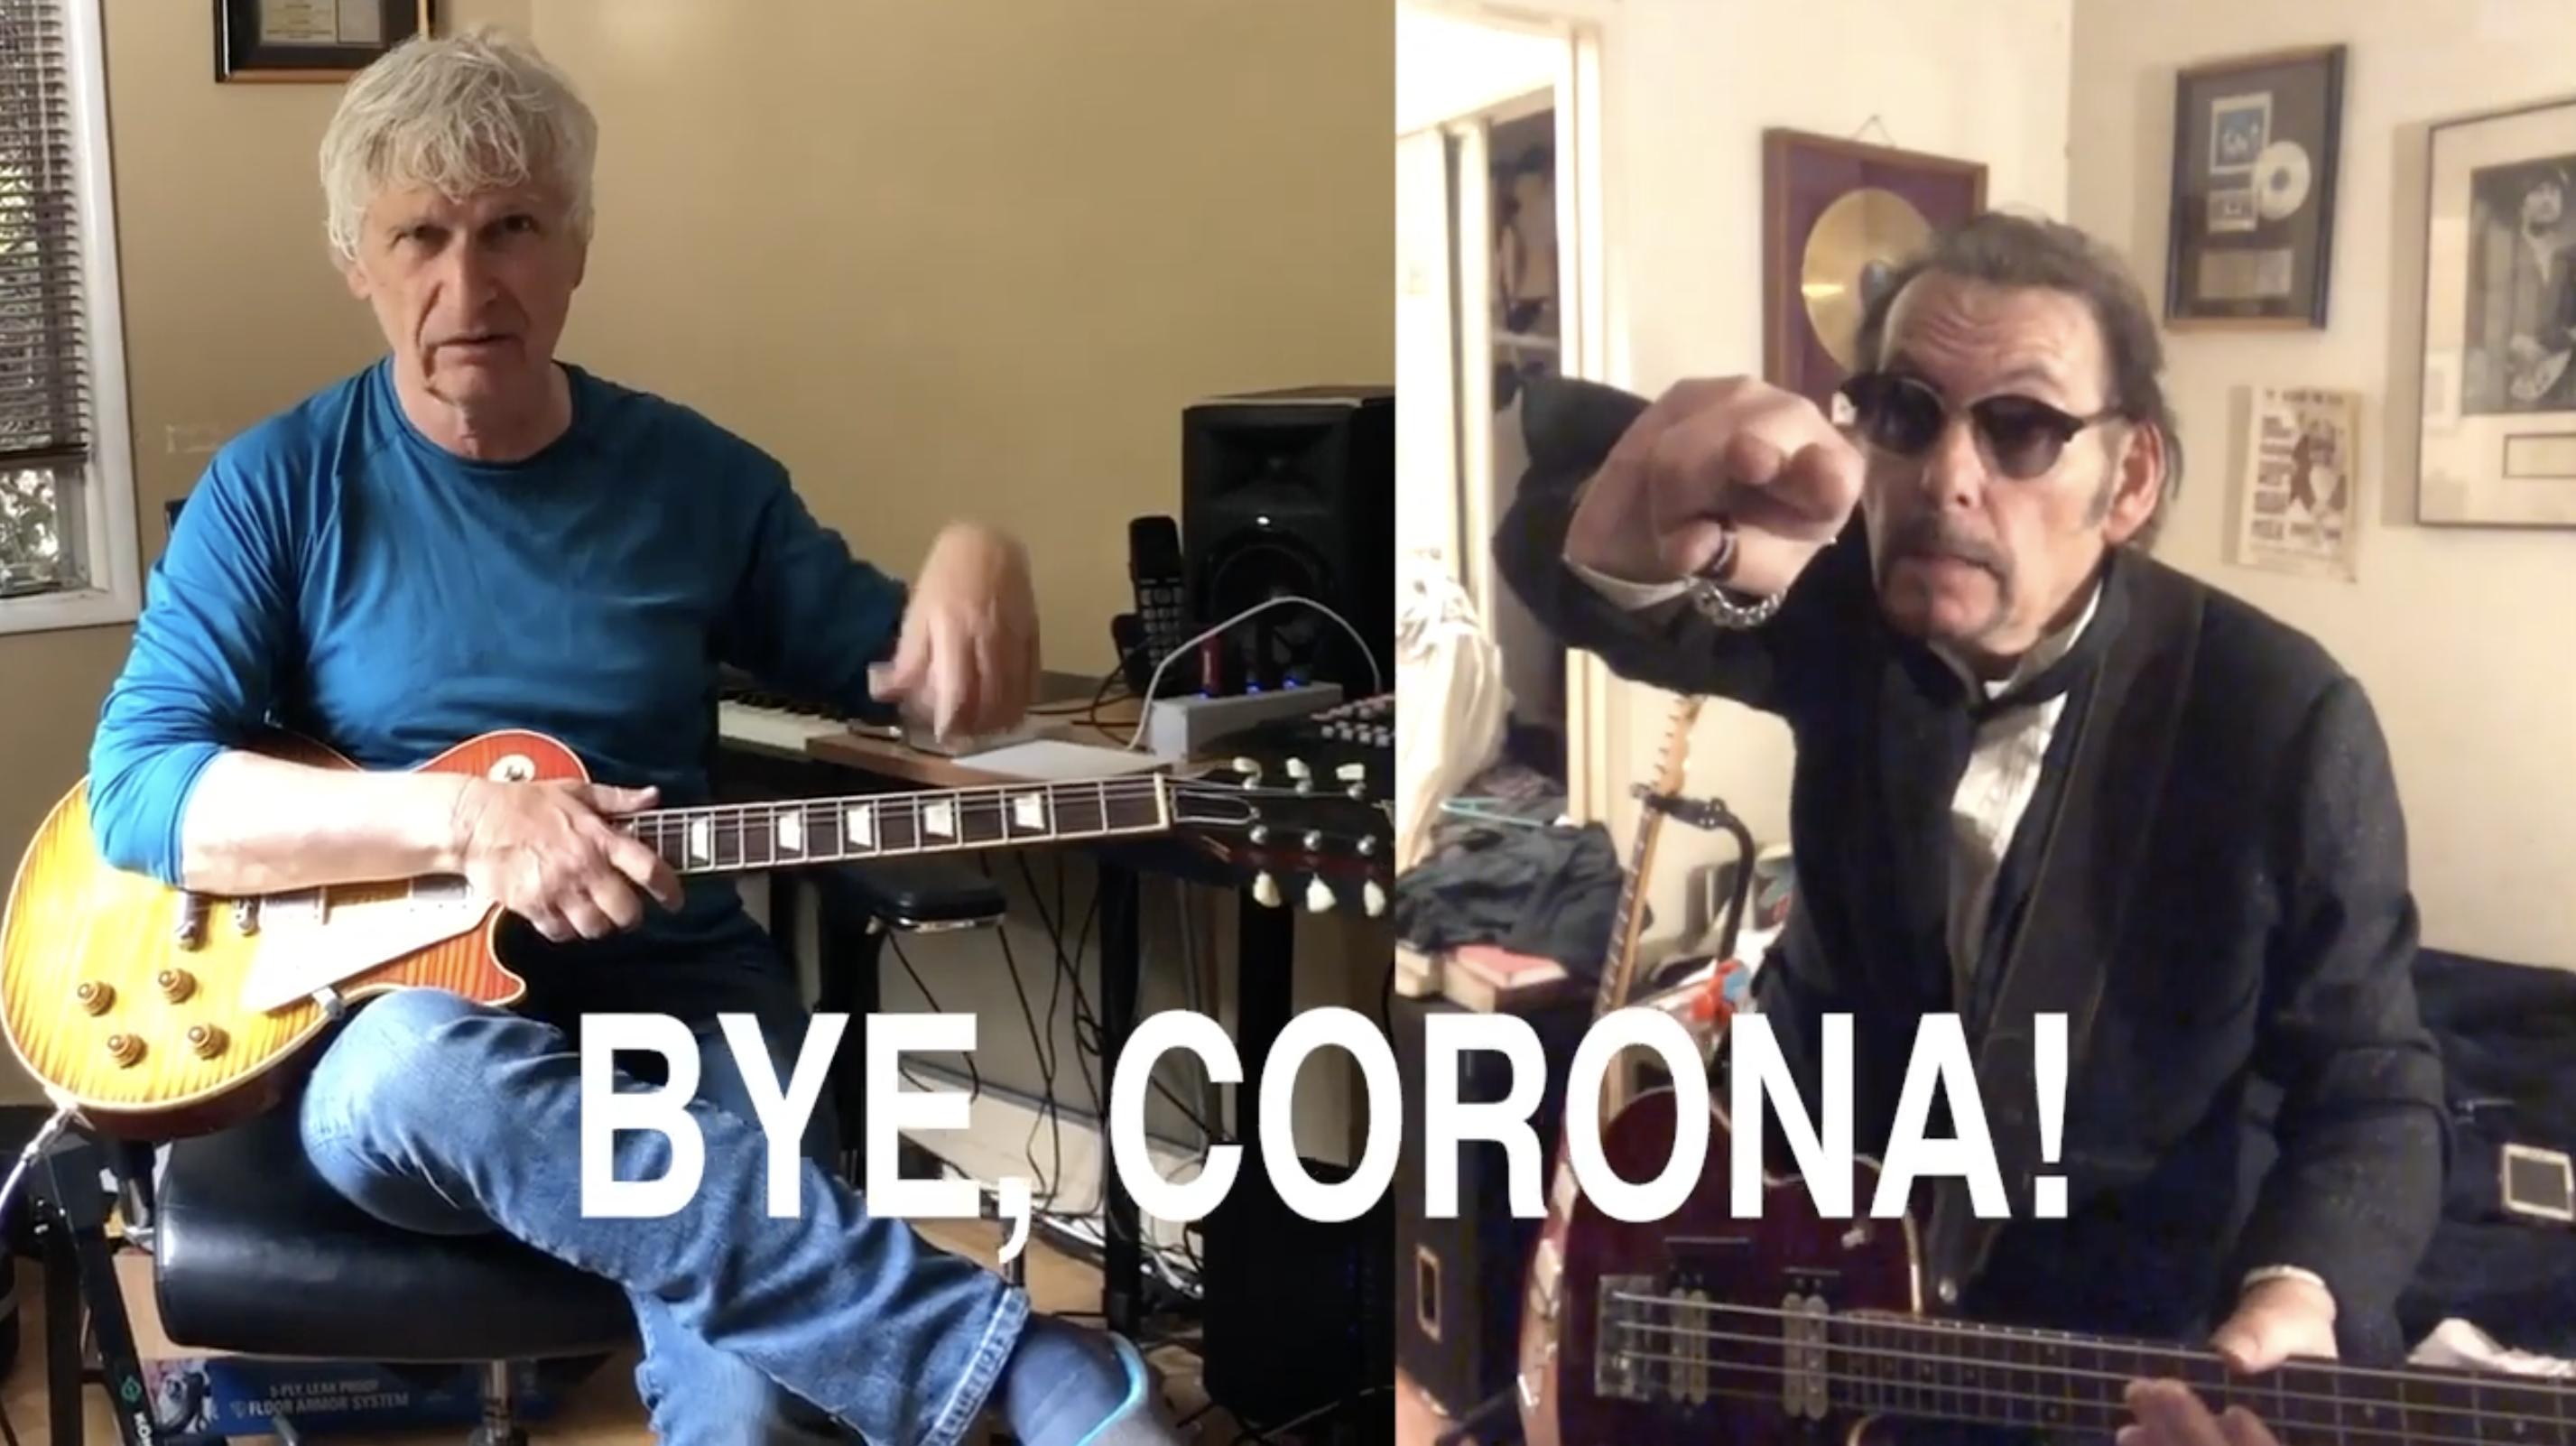 Bye Corona